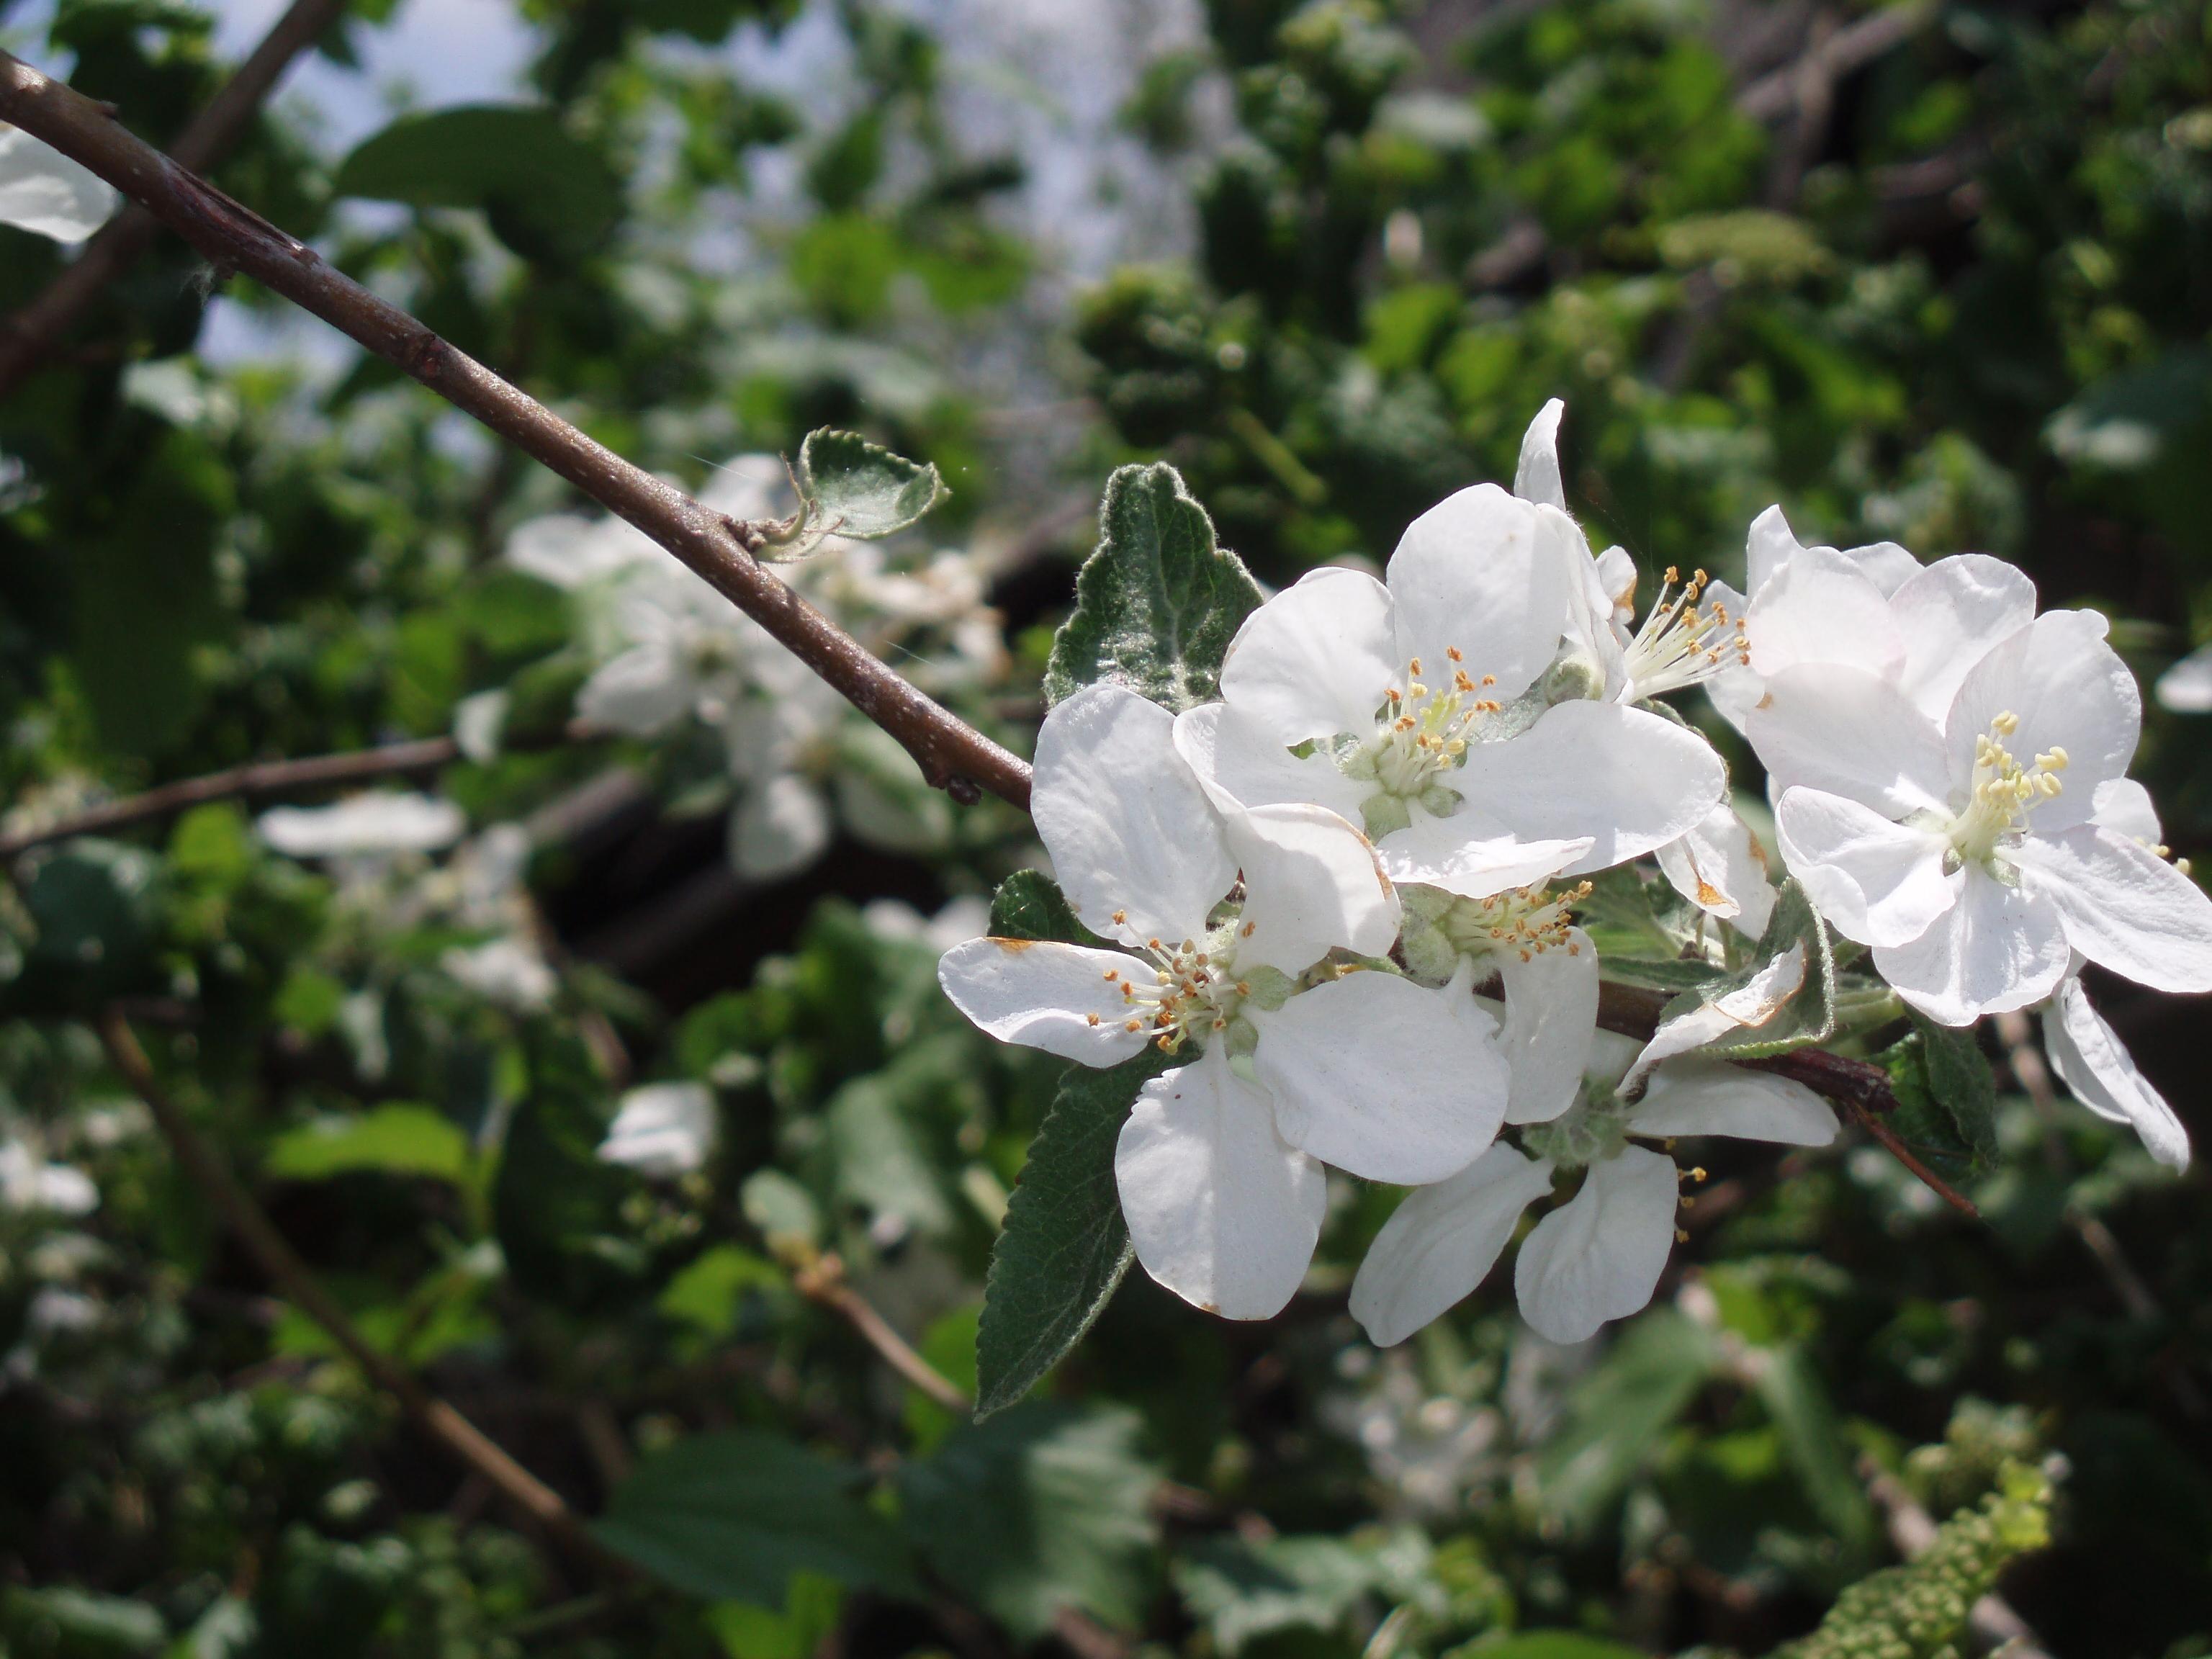 Description blooming apple tree in spring jpg